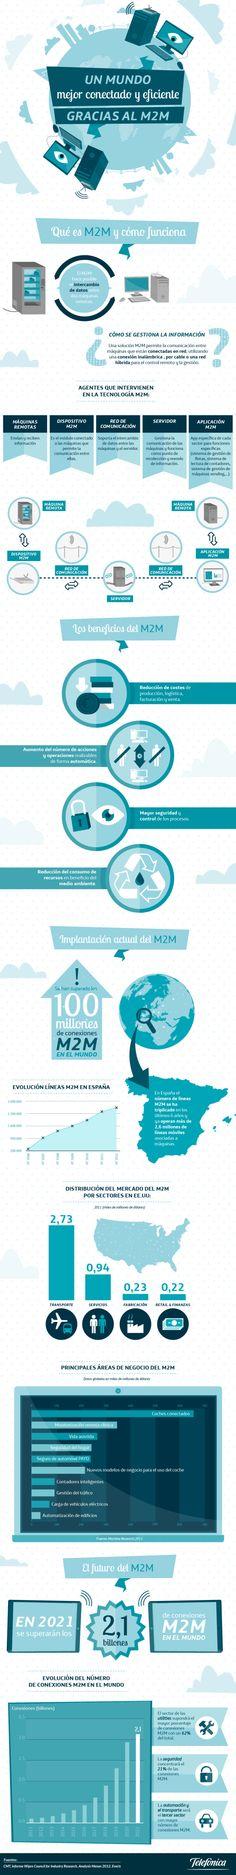 Todo lo que debéis saber sobre el #M2M